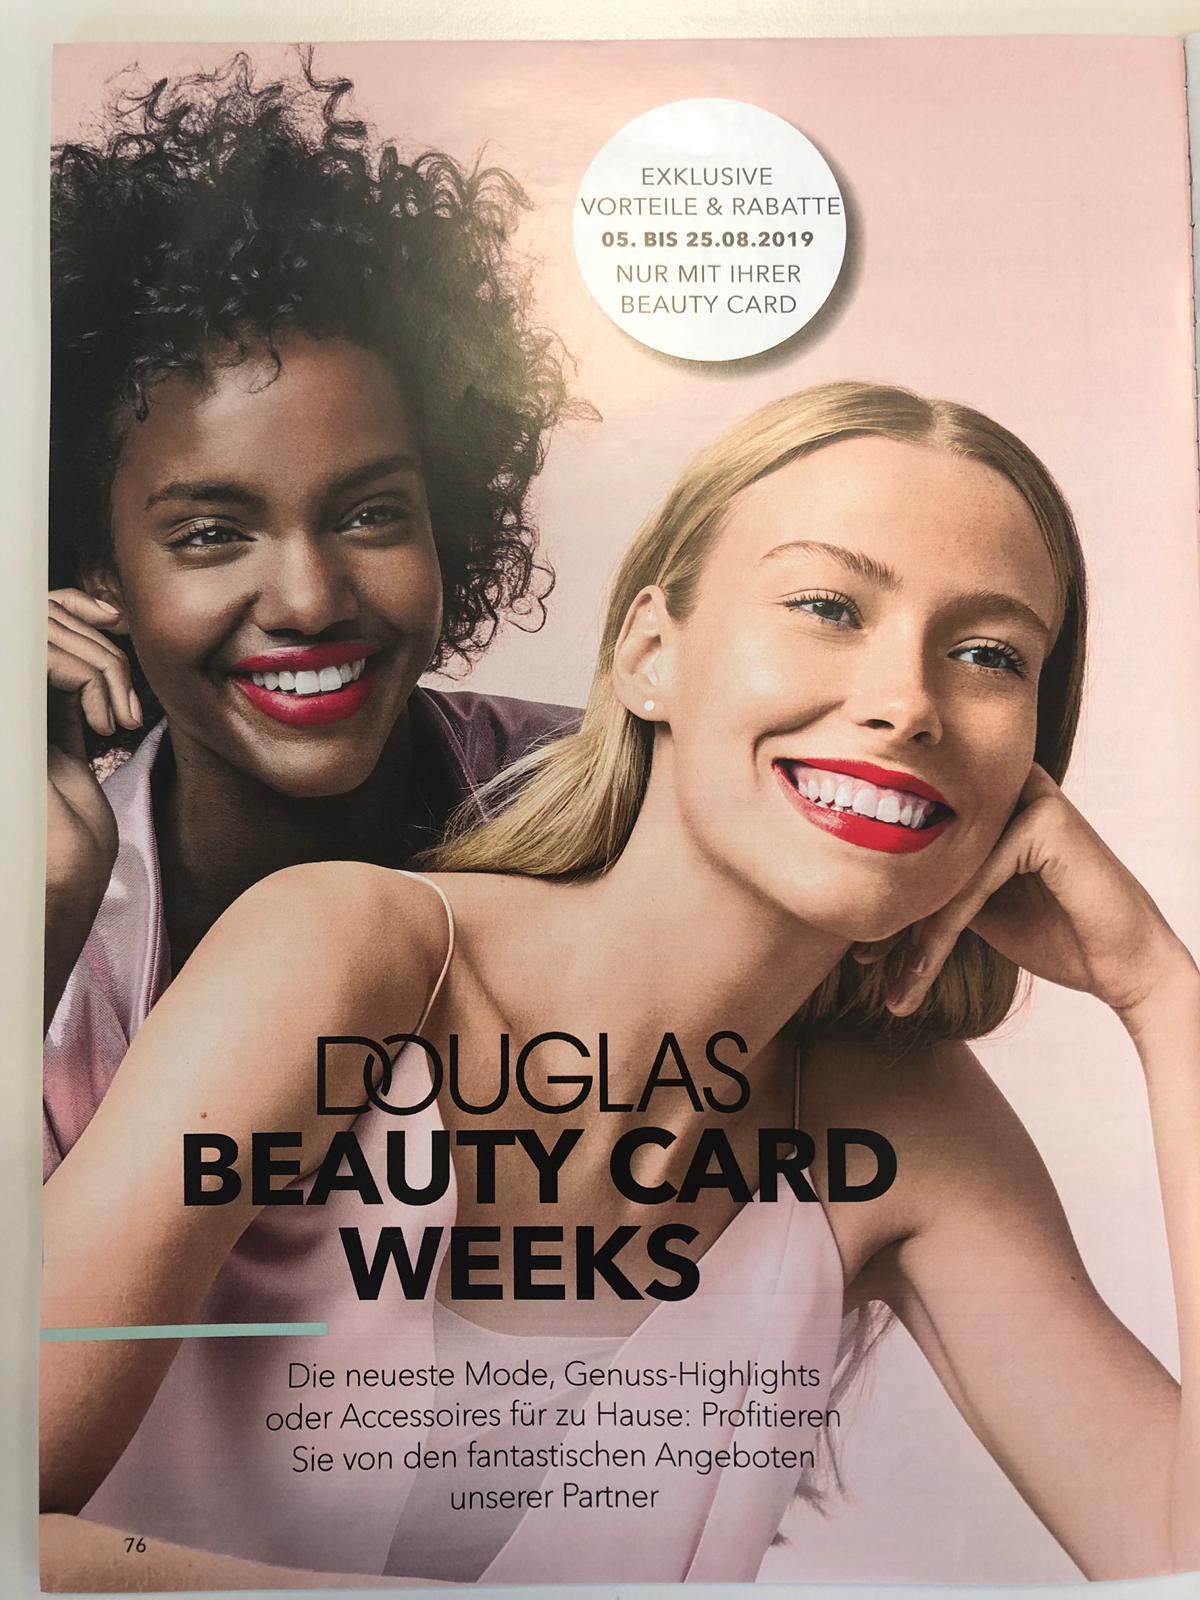 Douglas Beauty Card Week - Gutscheine von Douglas, Christ, About You, Gravis, myToys, Depot und anderen